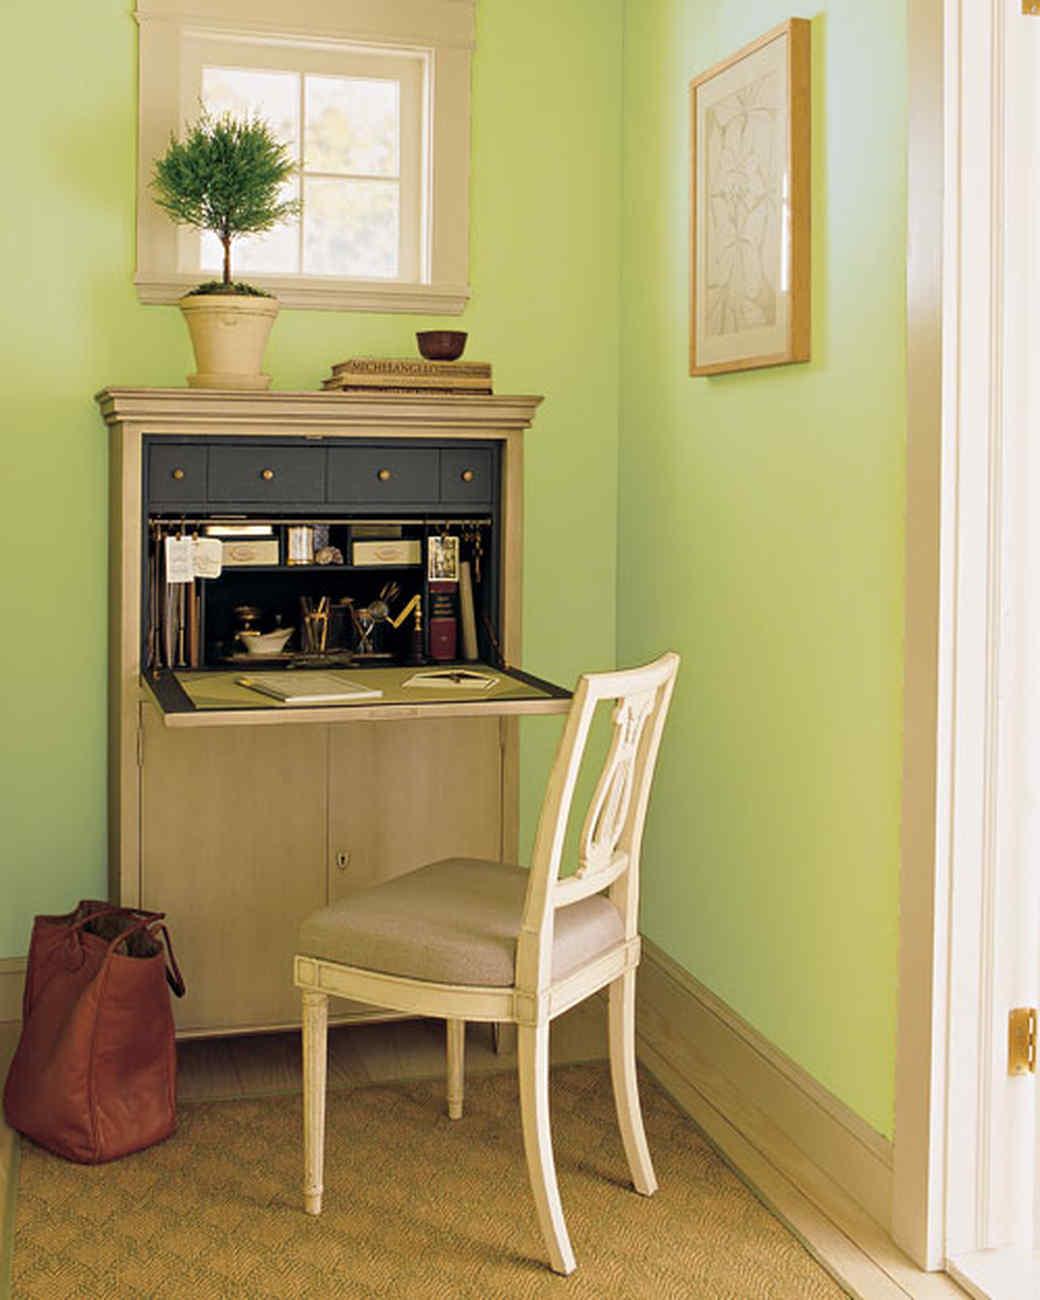 Компактный домашний офис: несколько идей для мини-кабинета.